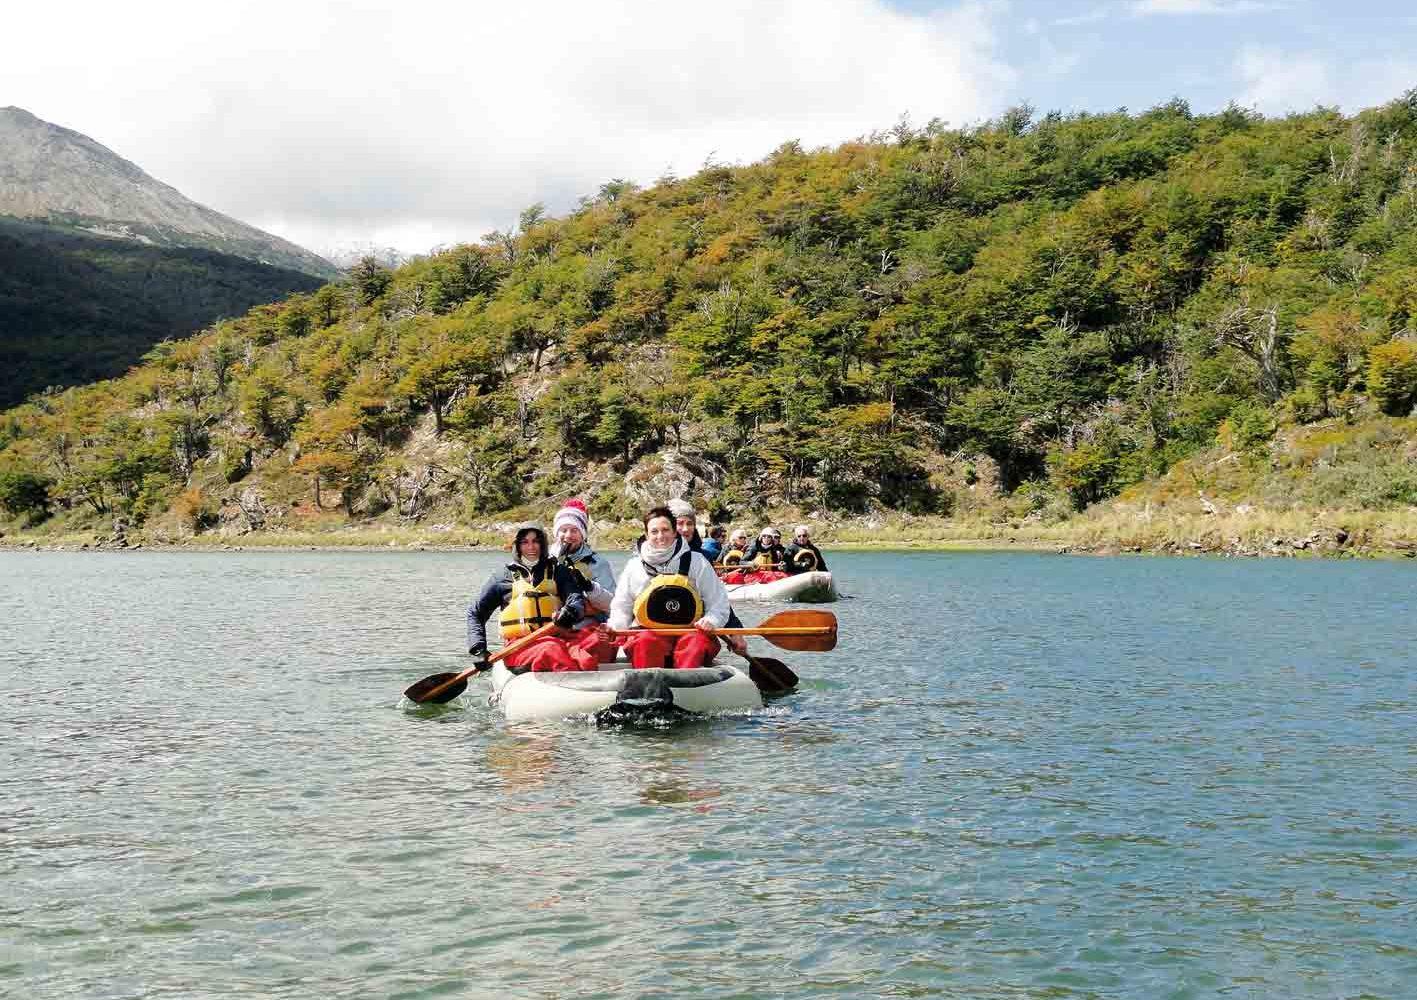 Mit dem Schlauchboot im Tierra del Fuego-Nationalpark unterwegs